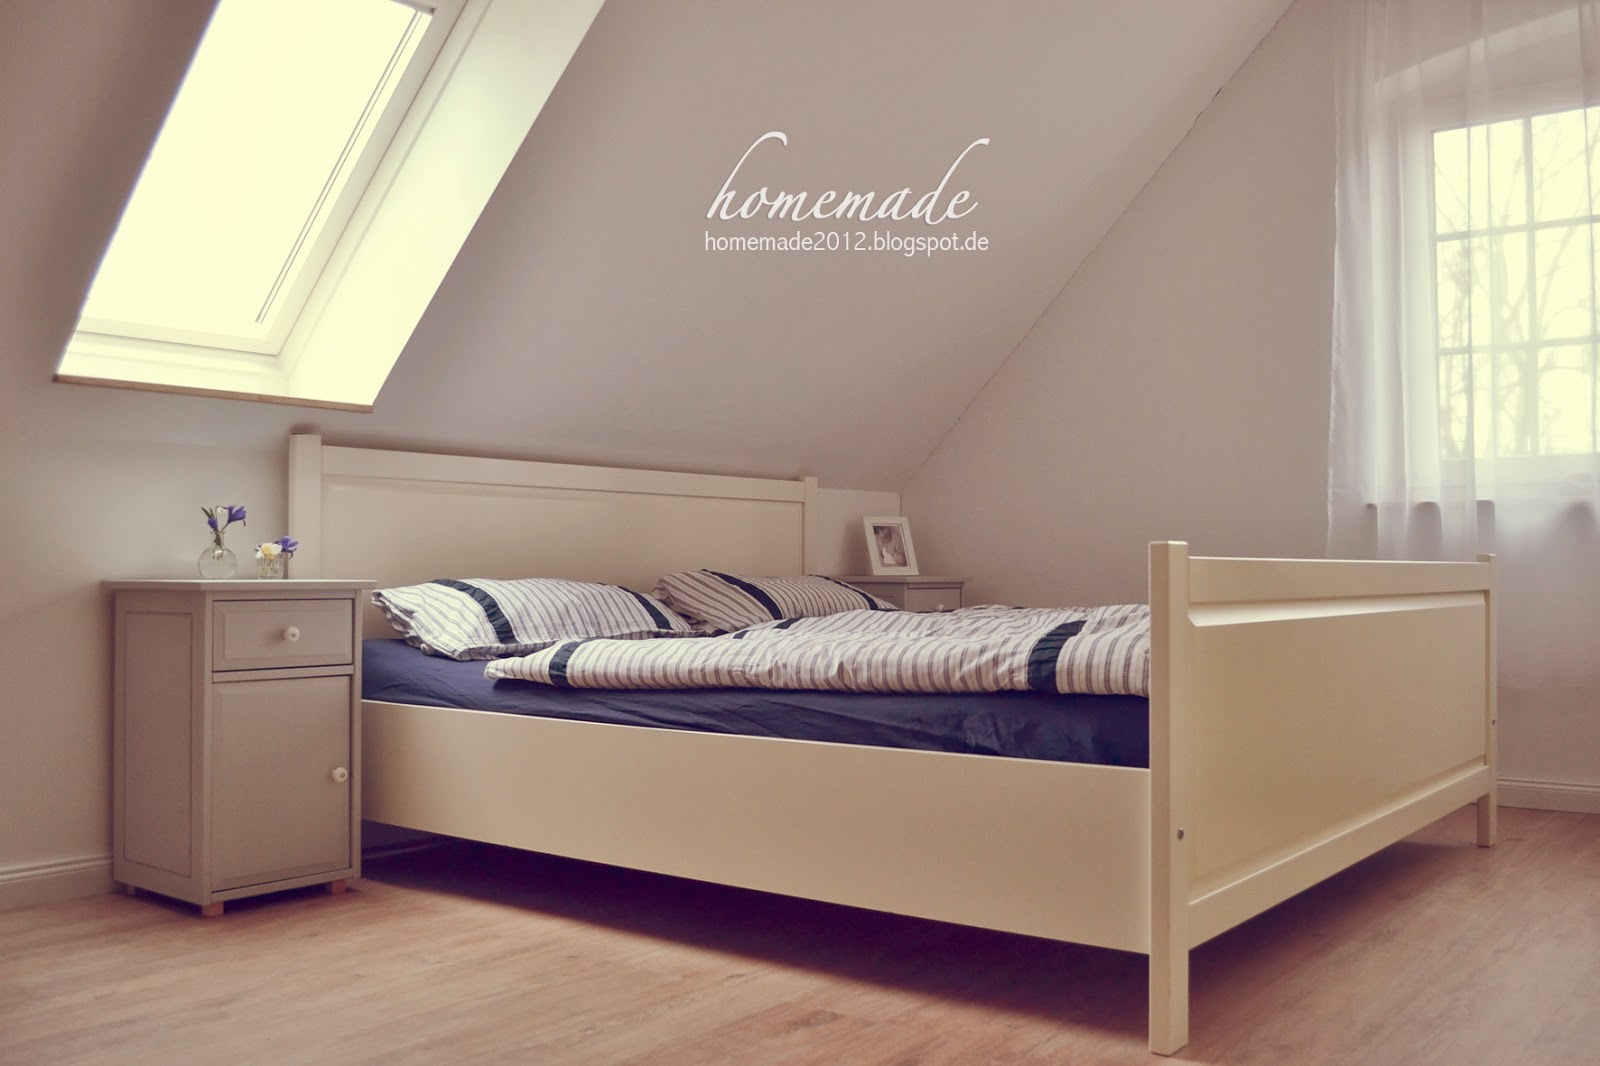 homemade nachtschrank vorher nachher. Black Bedroom Furniture Sets. Home Design Ideas